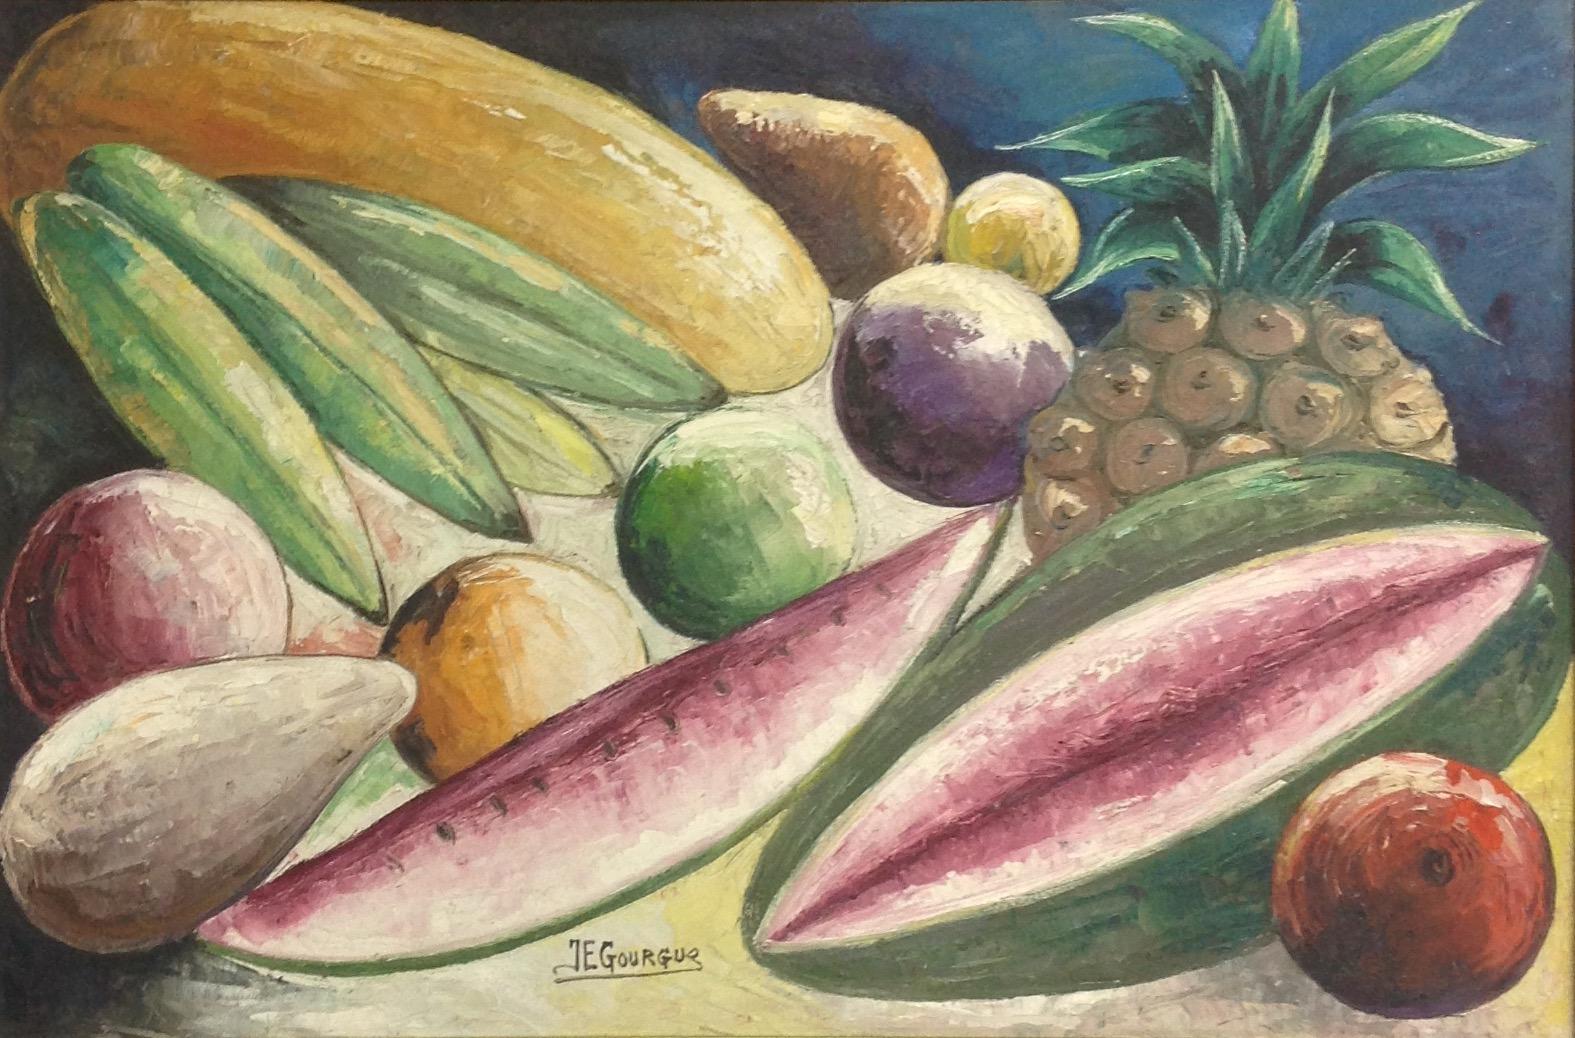 Gourgue Jacques E. 15X27 #4-3-96 canvas